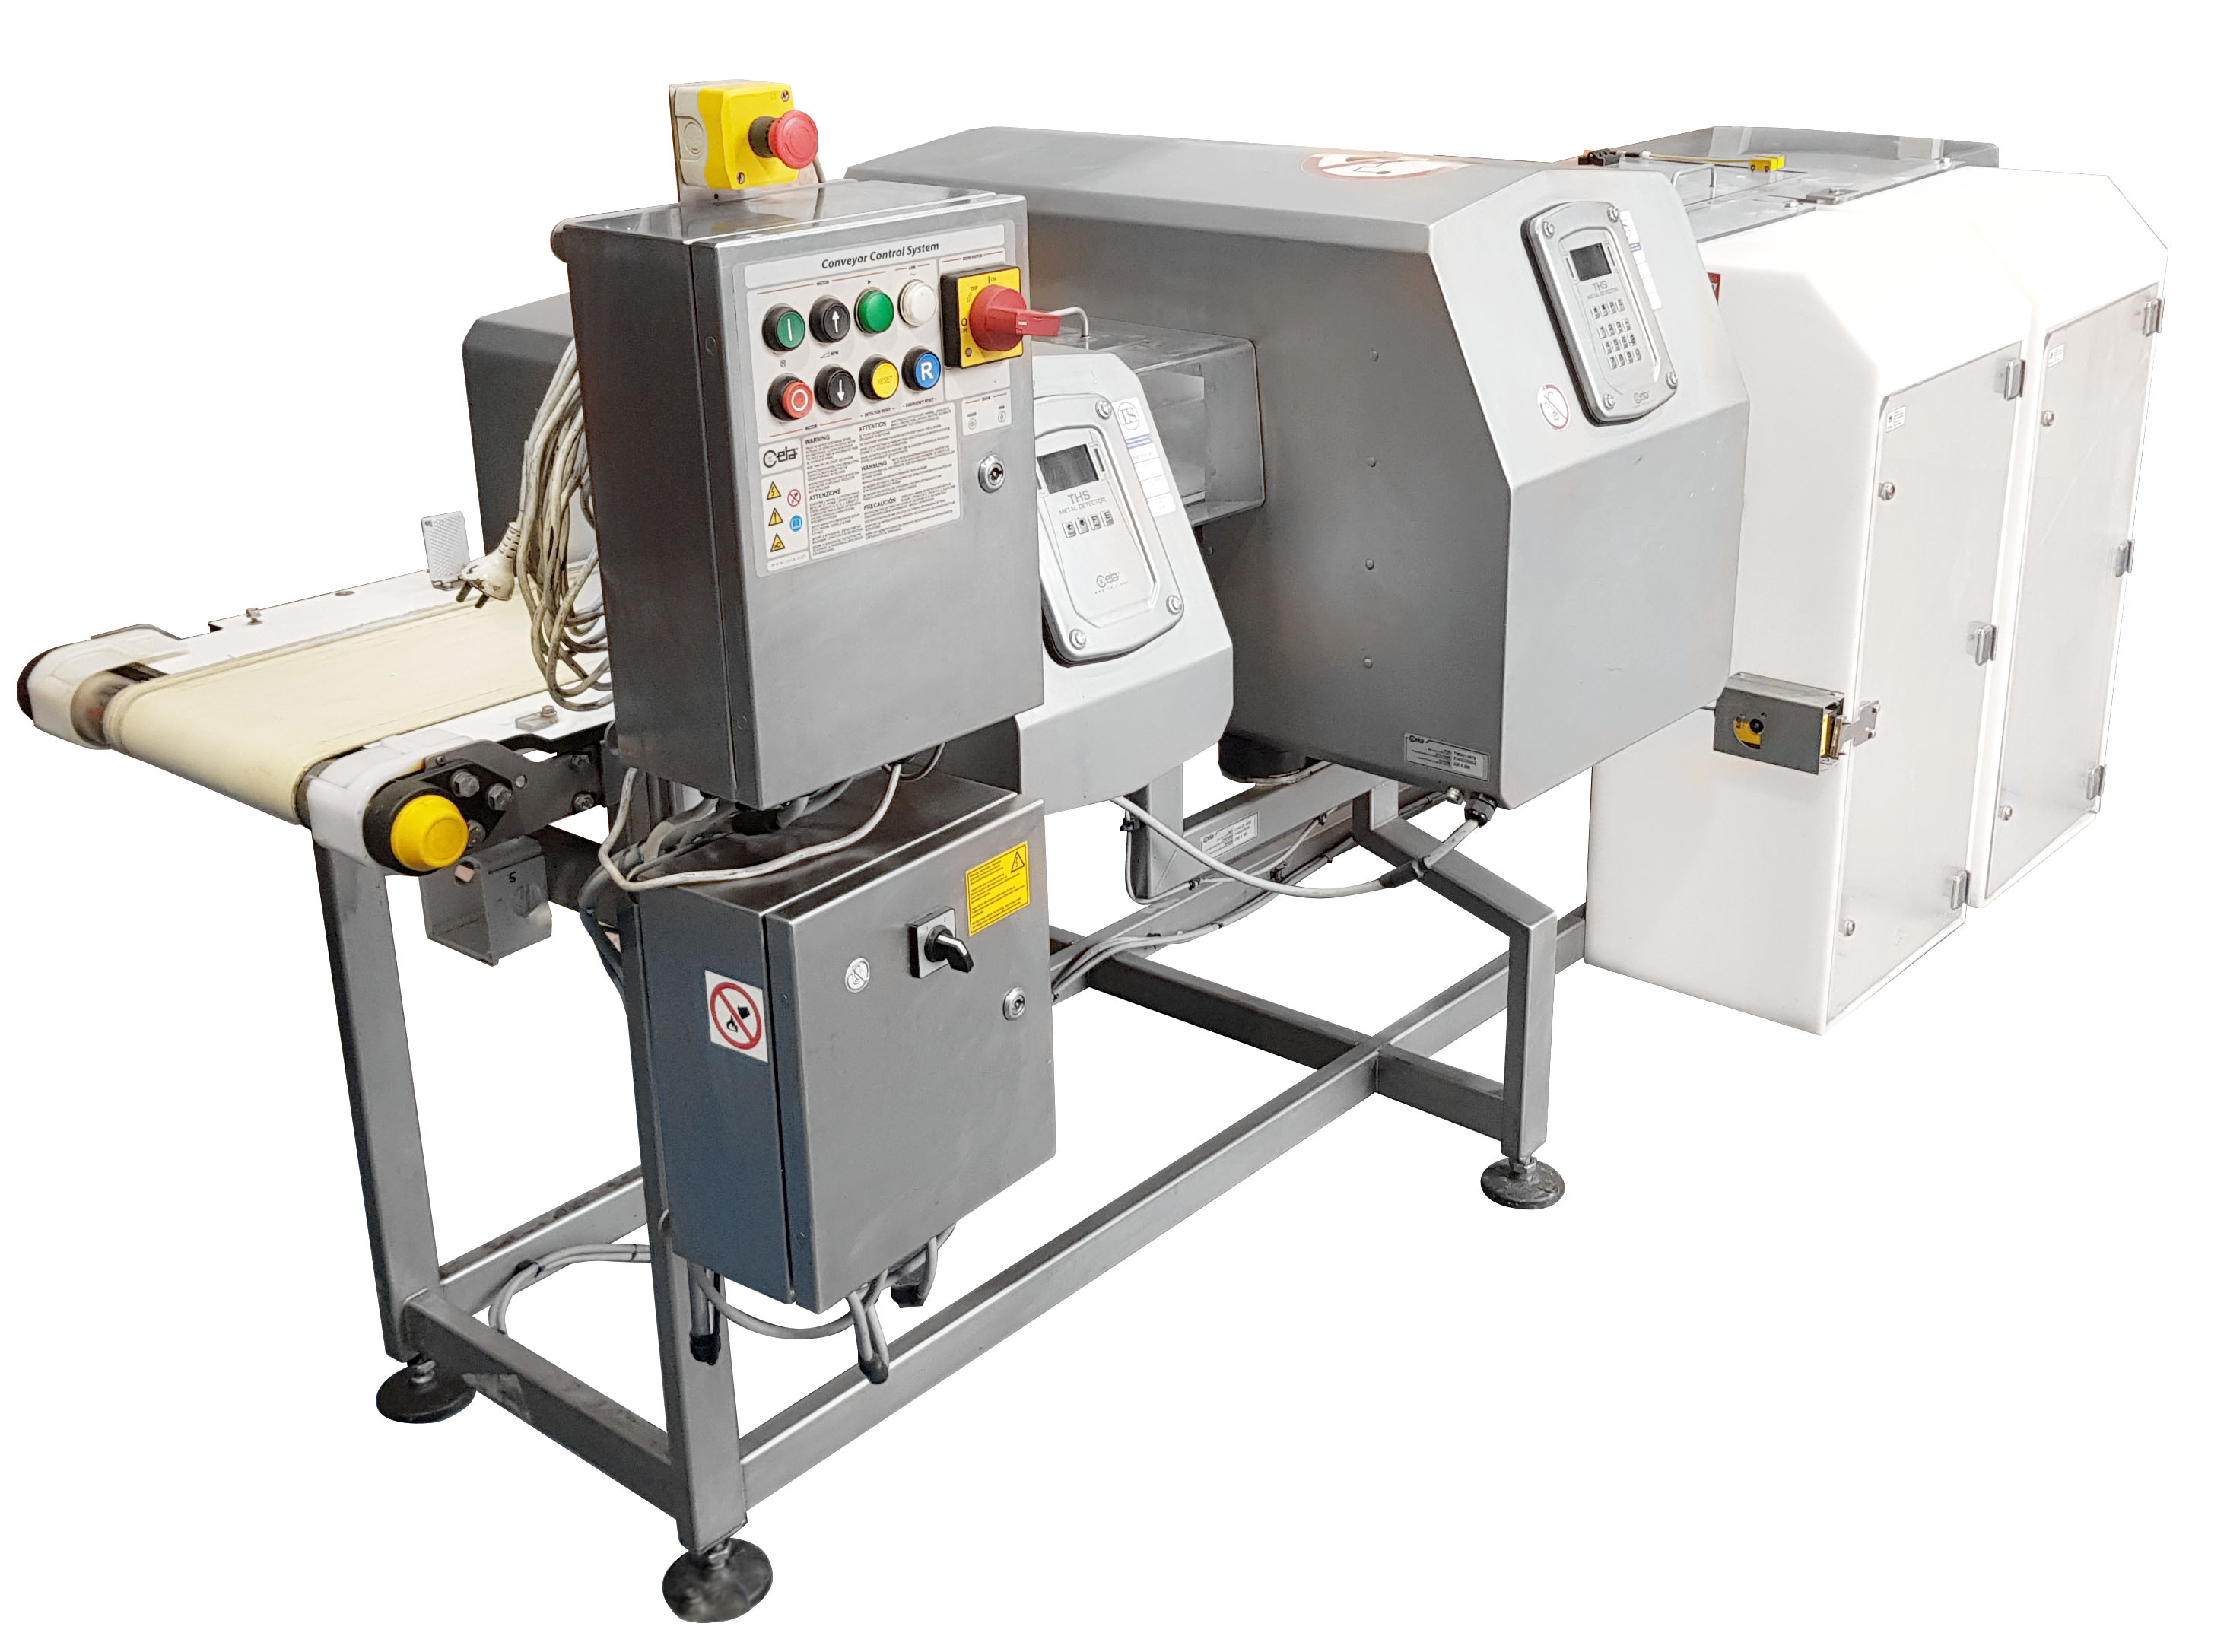 - CEIA International Metal Detector